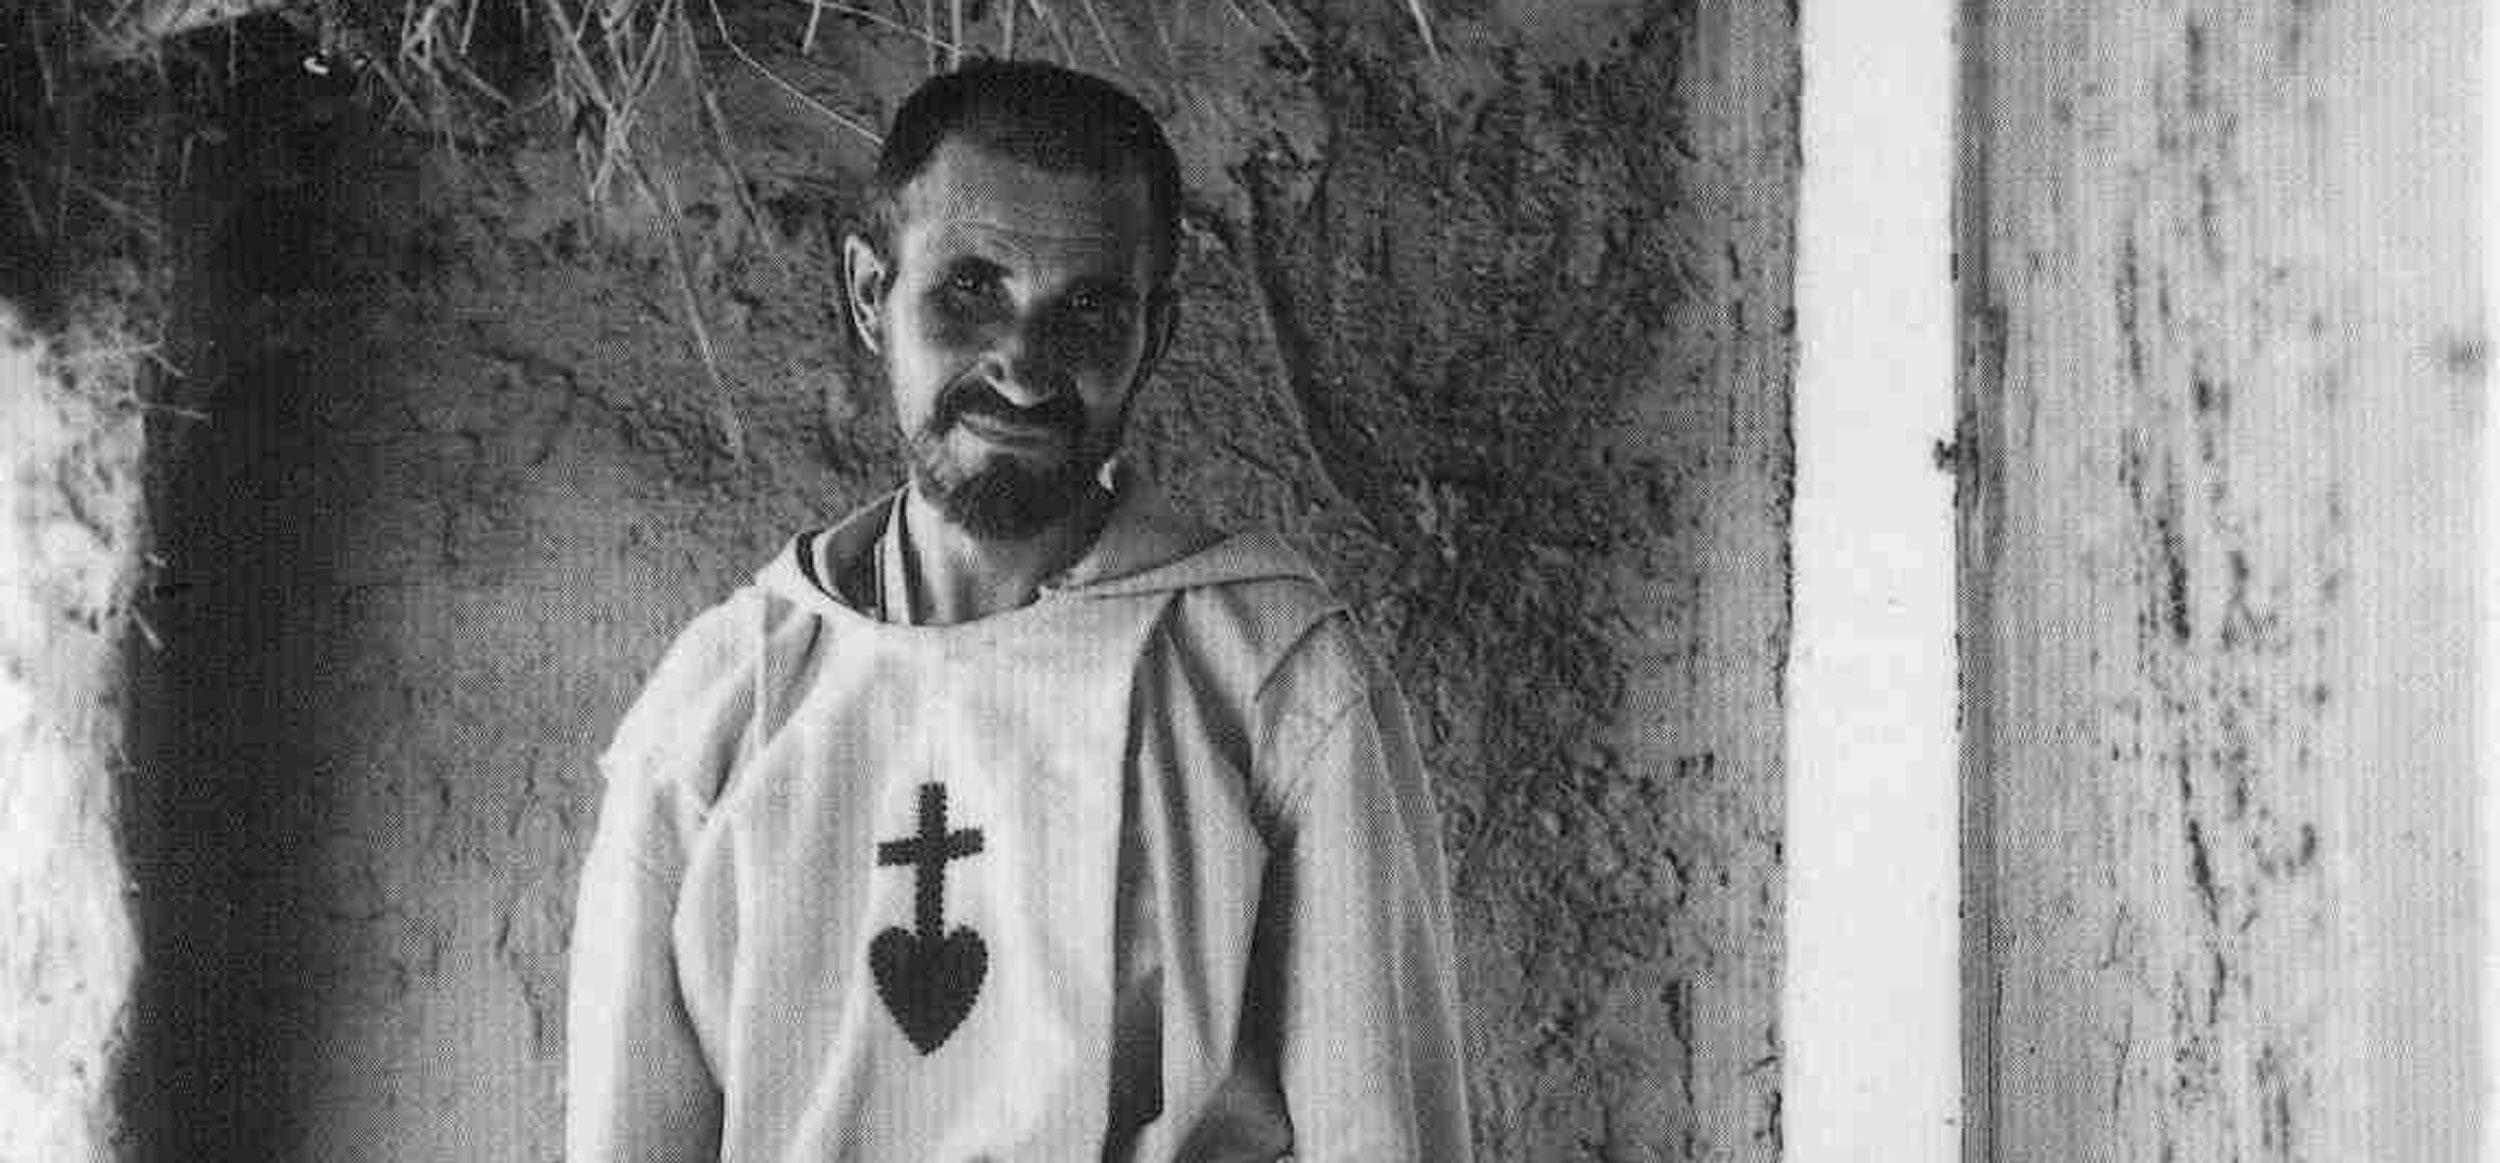 В Католической Церкви прославят новых святых и блаженных, среди которых французский монах Шарль де Фуко и основатель «Рыцарей Колумба» Майкл МакГивни